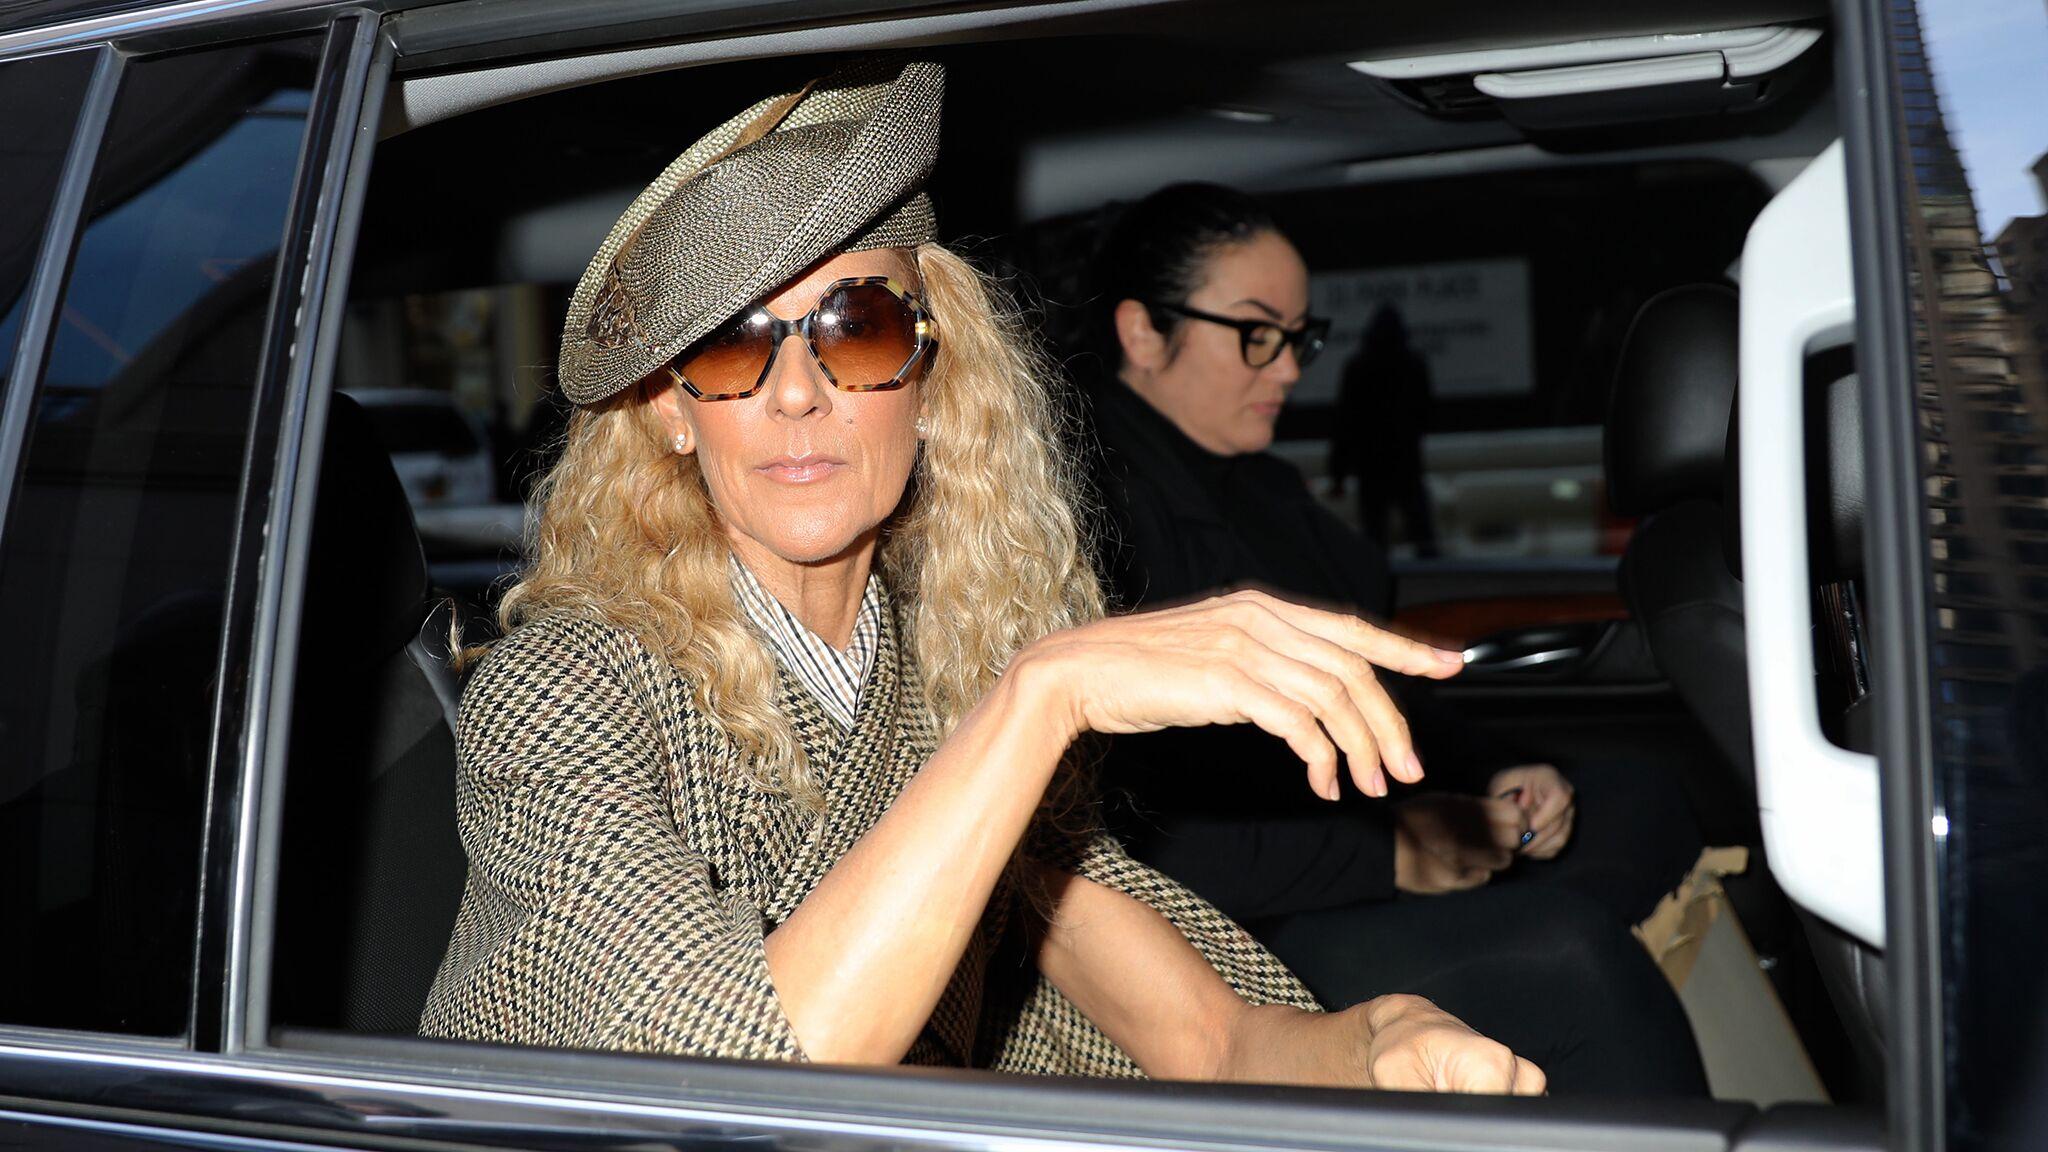 Celine Dion Chignon Cheveux Boucles Les 5 Coiffures A Lui Piquer Voici